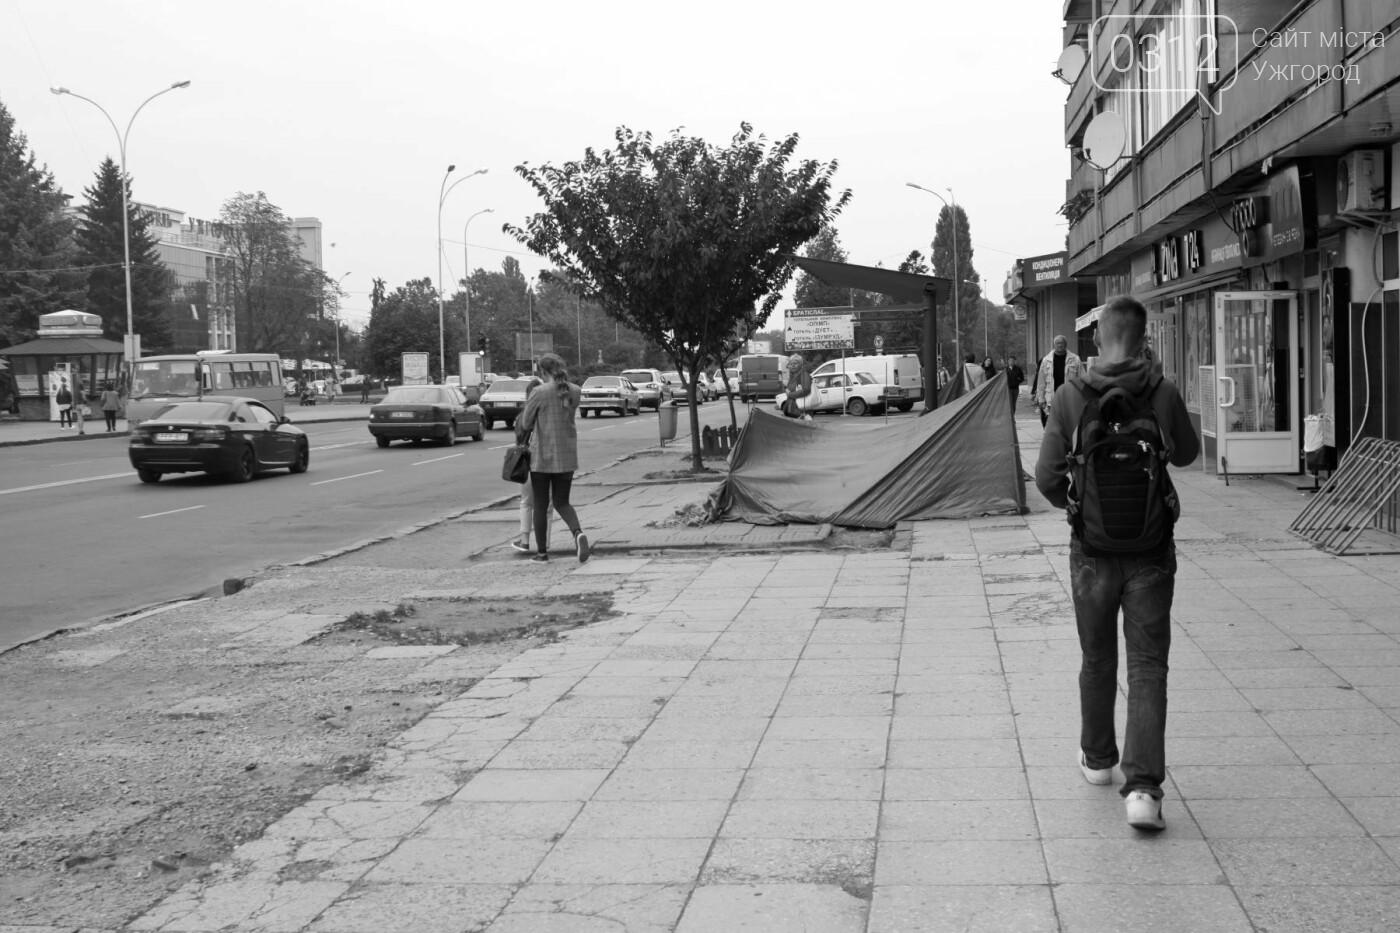 Нові зупинки в Ужгороді будуть до неділі, а вай-фай - за 3 тижні, фото-8